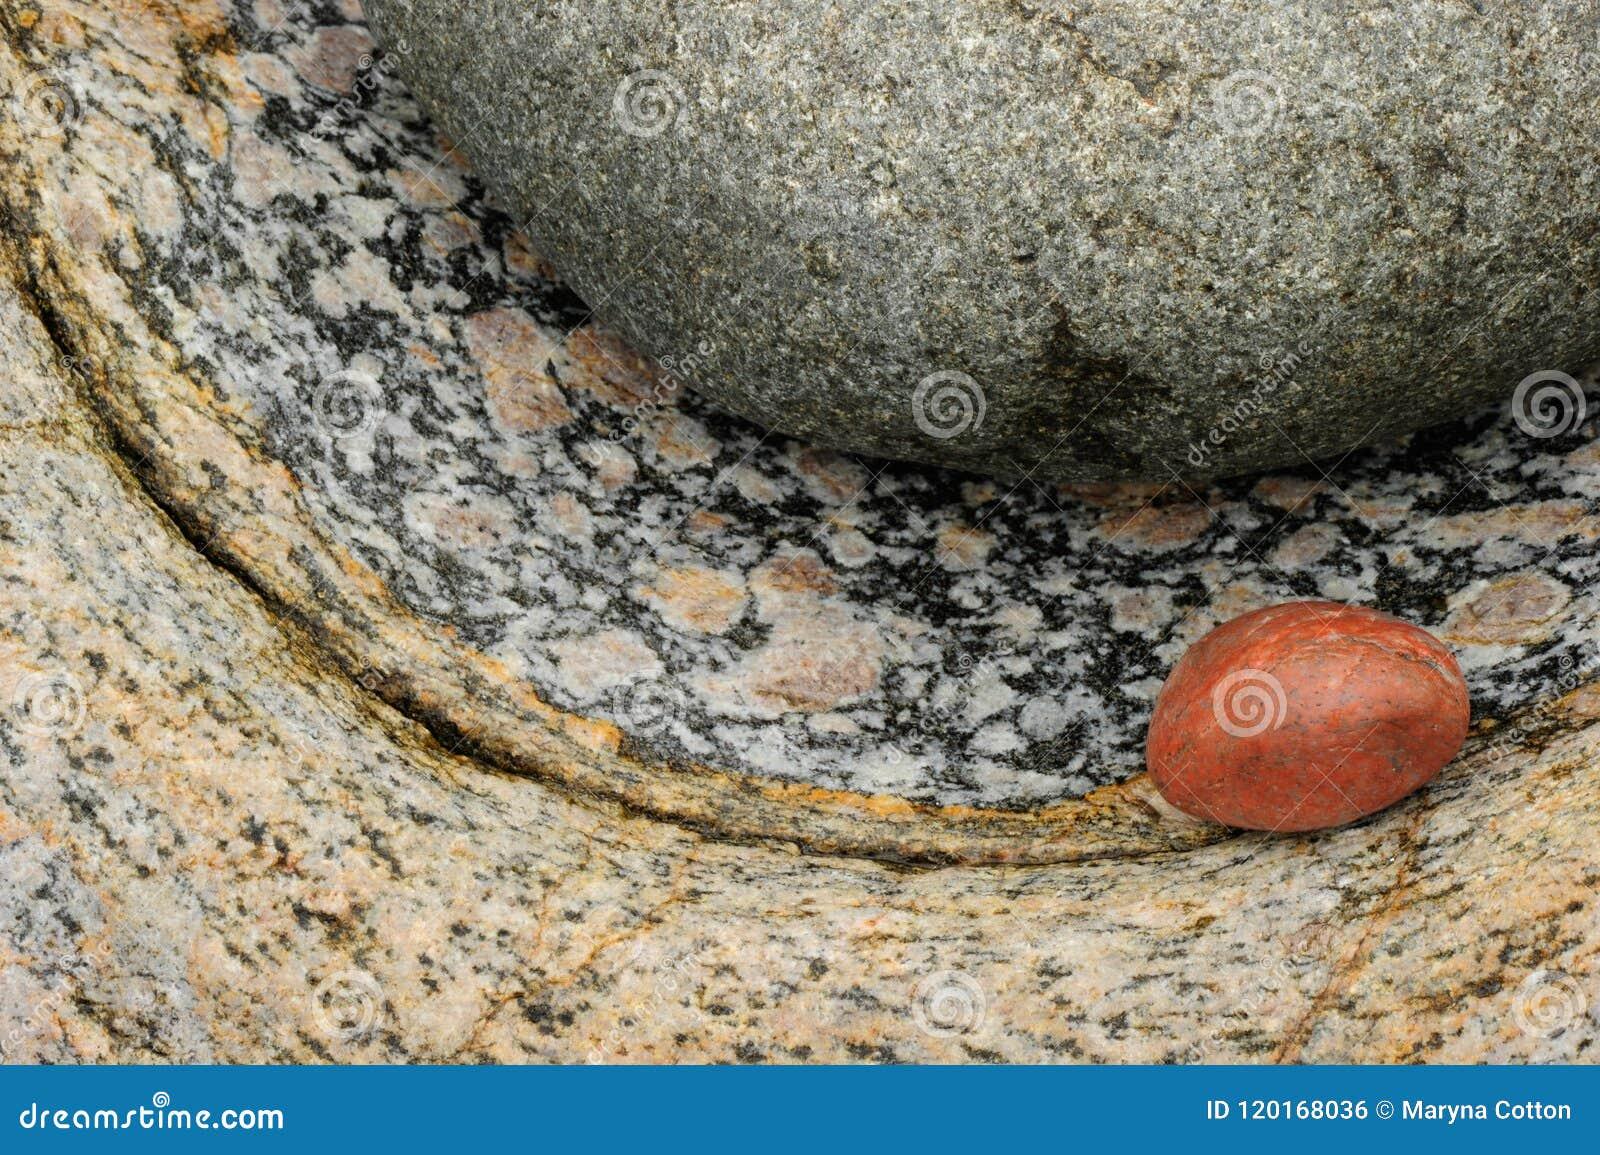 O close-up de uma rocha avermelhada lisa contra outro coloriu rochas textured